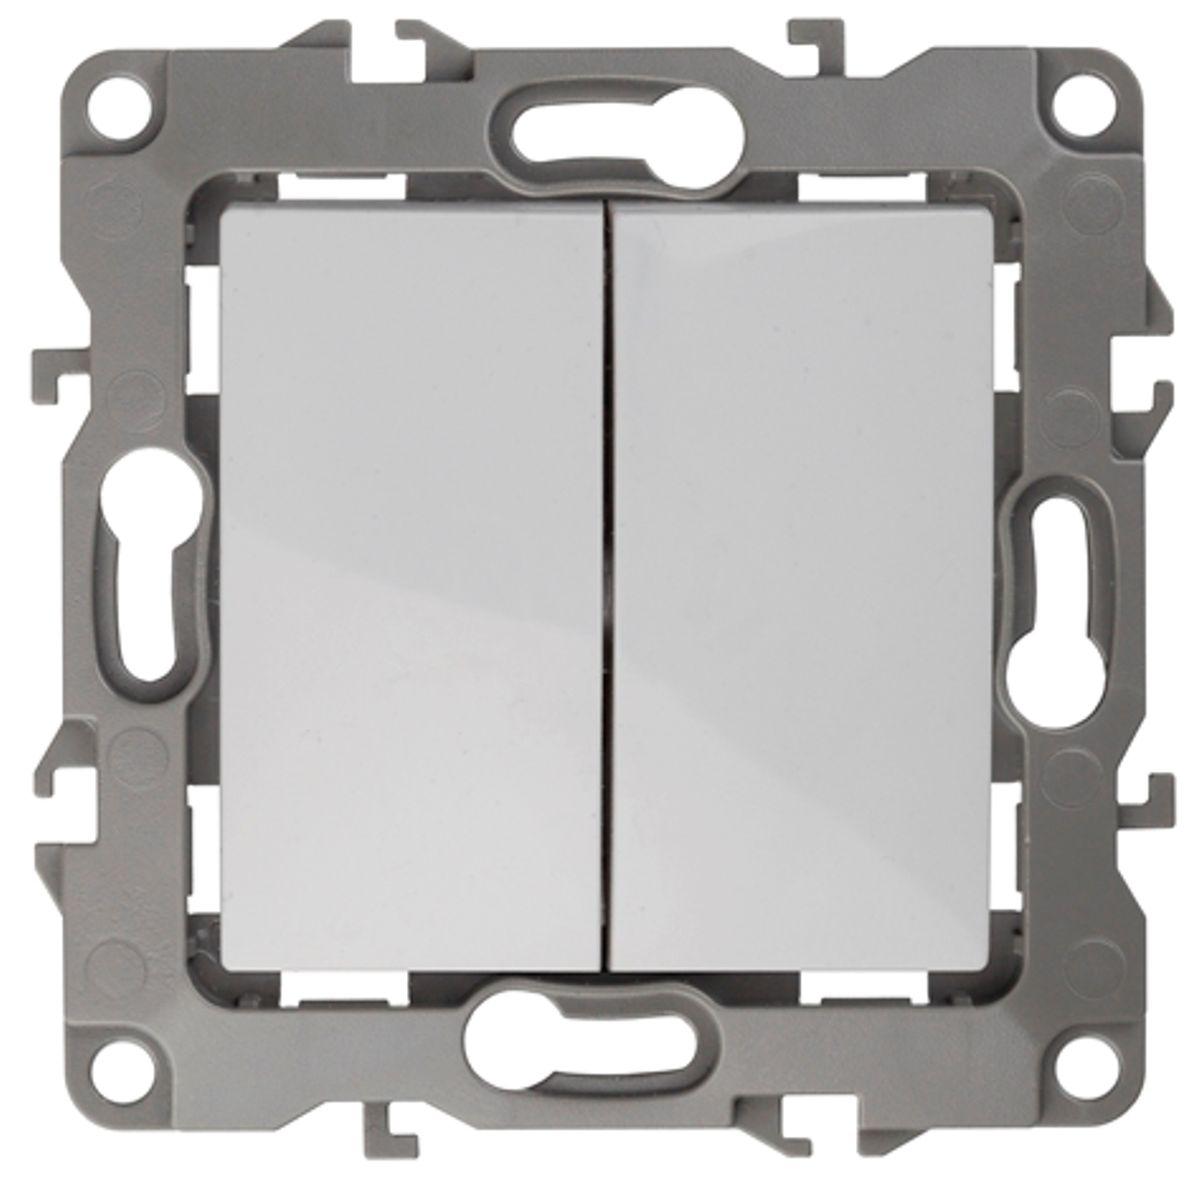 Выключатель ЭРА, двойной, цвет: белый, серый. 12-110412-1104-01Двойной выключатель ЭРА выполнен из прочного пластика, контакты бронзовые. Изделие просто в установке, надежно в эксплуатации. Выключатель имеет специальные фиксаторы, которые не дают ему смещаться как при монтаже, так и в процессе эксплуатации. Автоматические зажимы кабеля обеспечивают быстрый и надежный монтаж изделия к электросети без отвертки и не требуют обслуживания в отличие от винтовых зажимов.